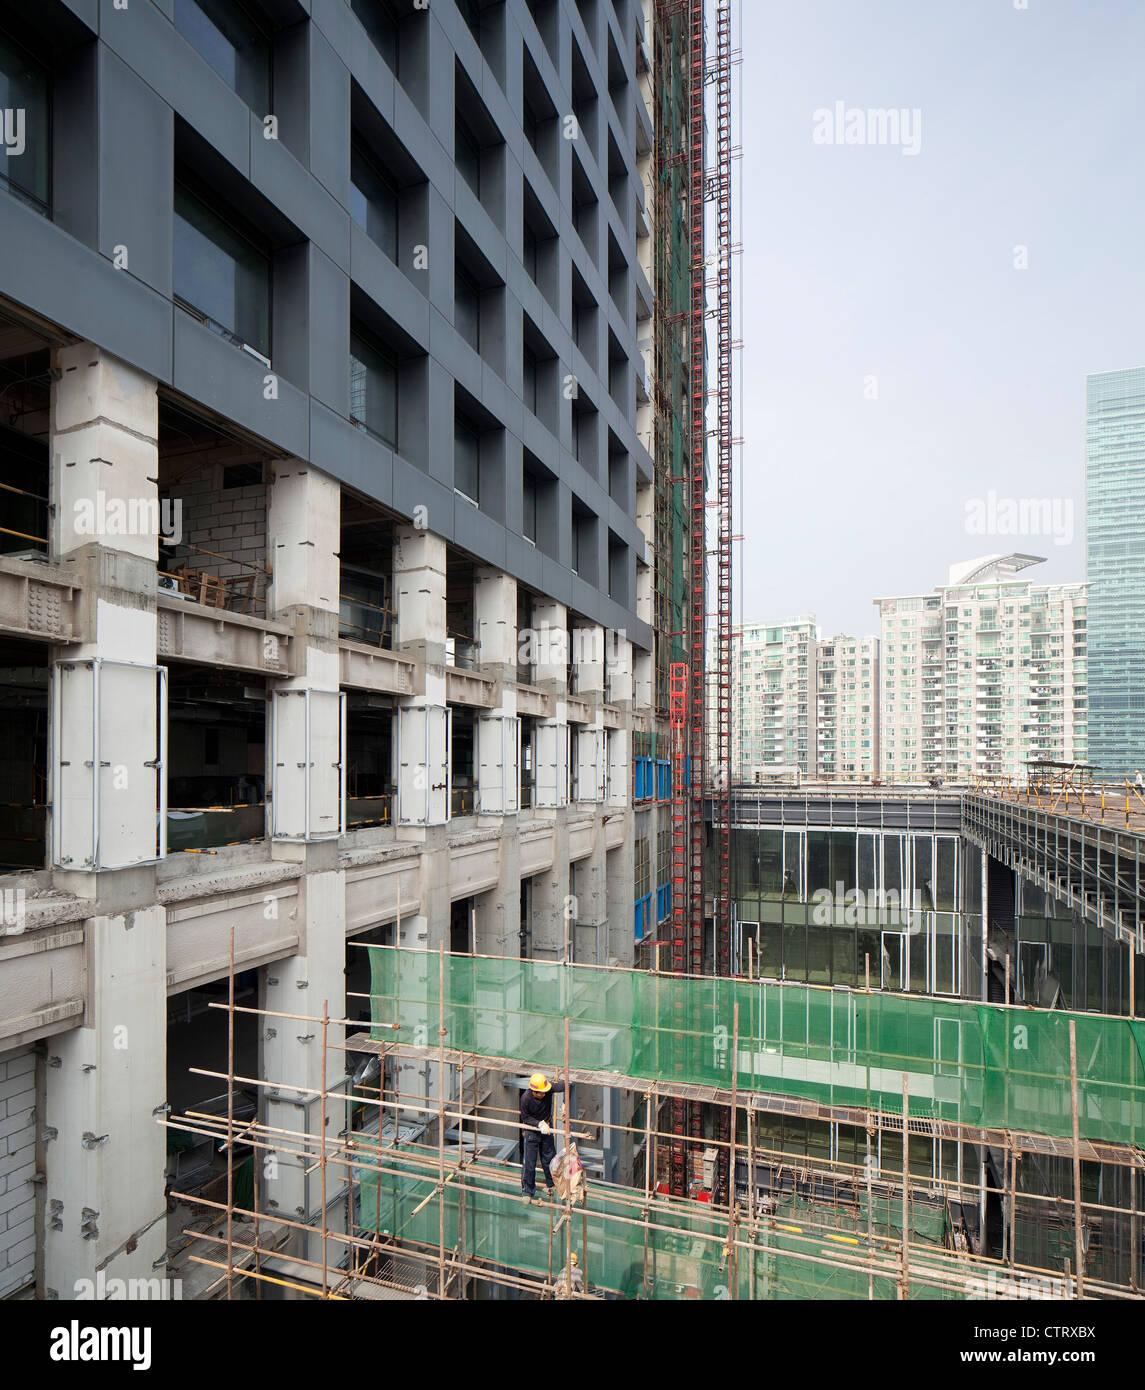 Shenzhen Stock Exchange, OMA, Shenzhen, China, 2012 - Stock Image